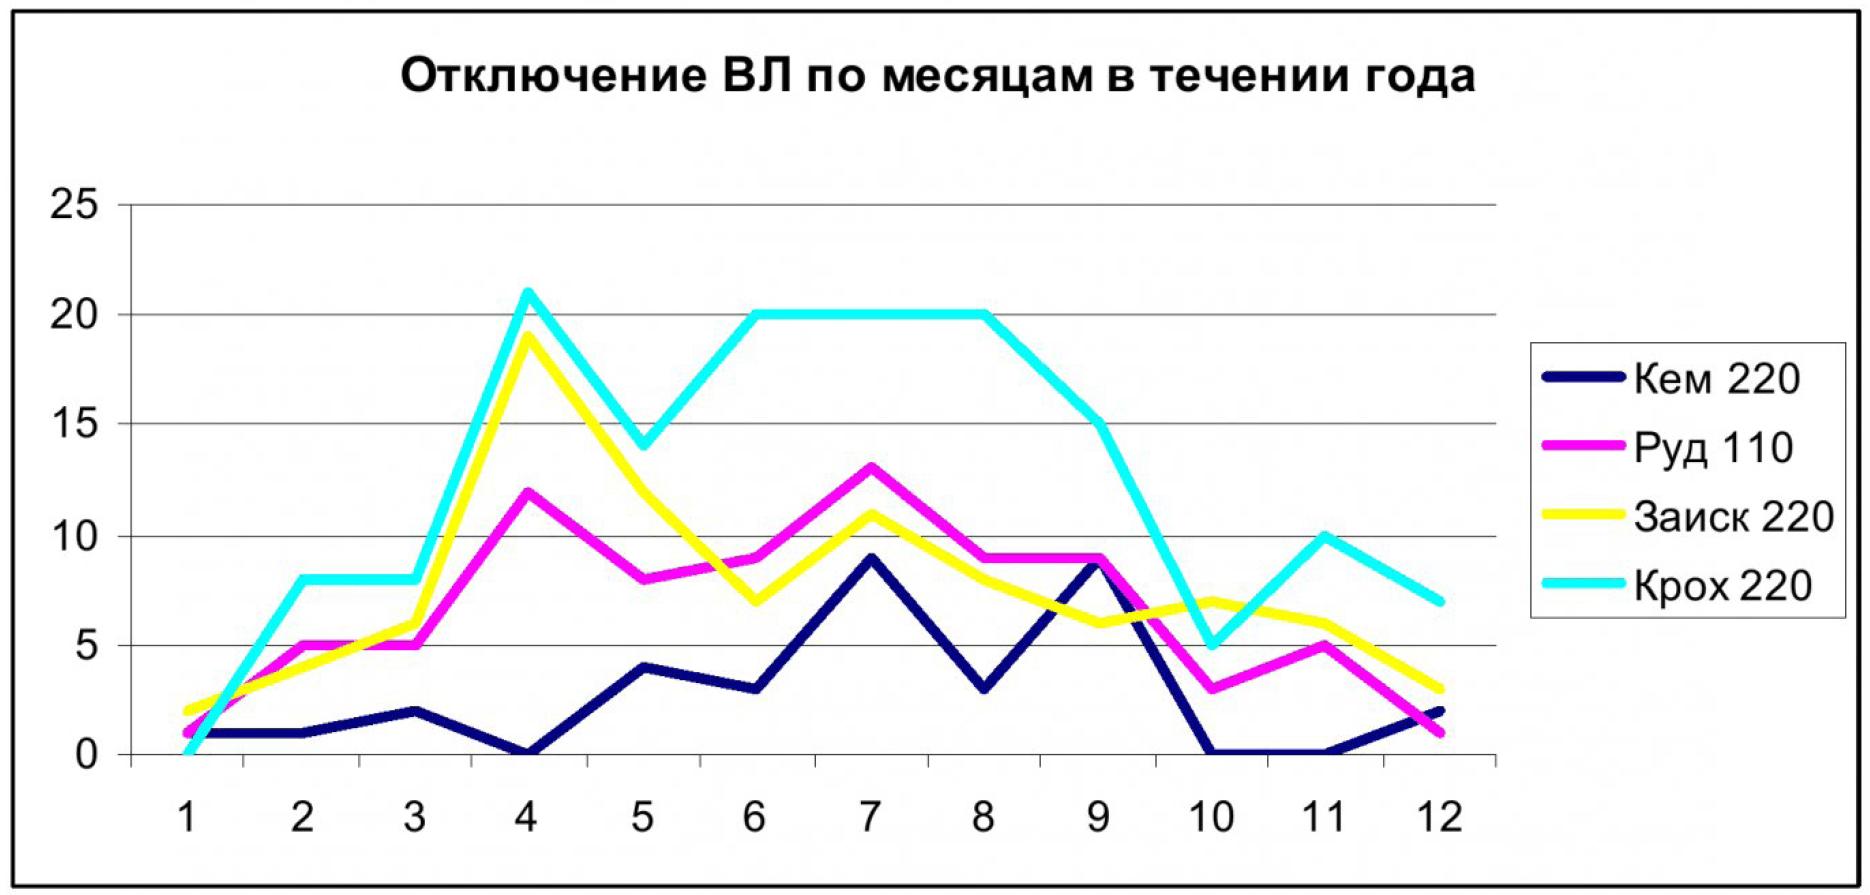 Анализ отключений в электрических сетях Кемеровского района 7